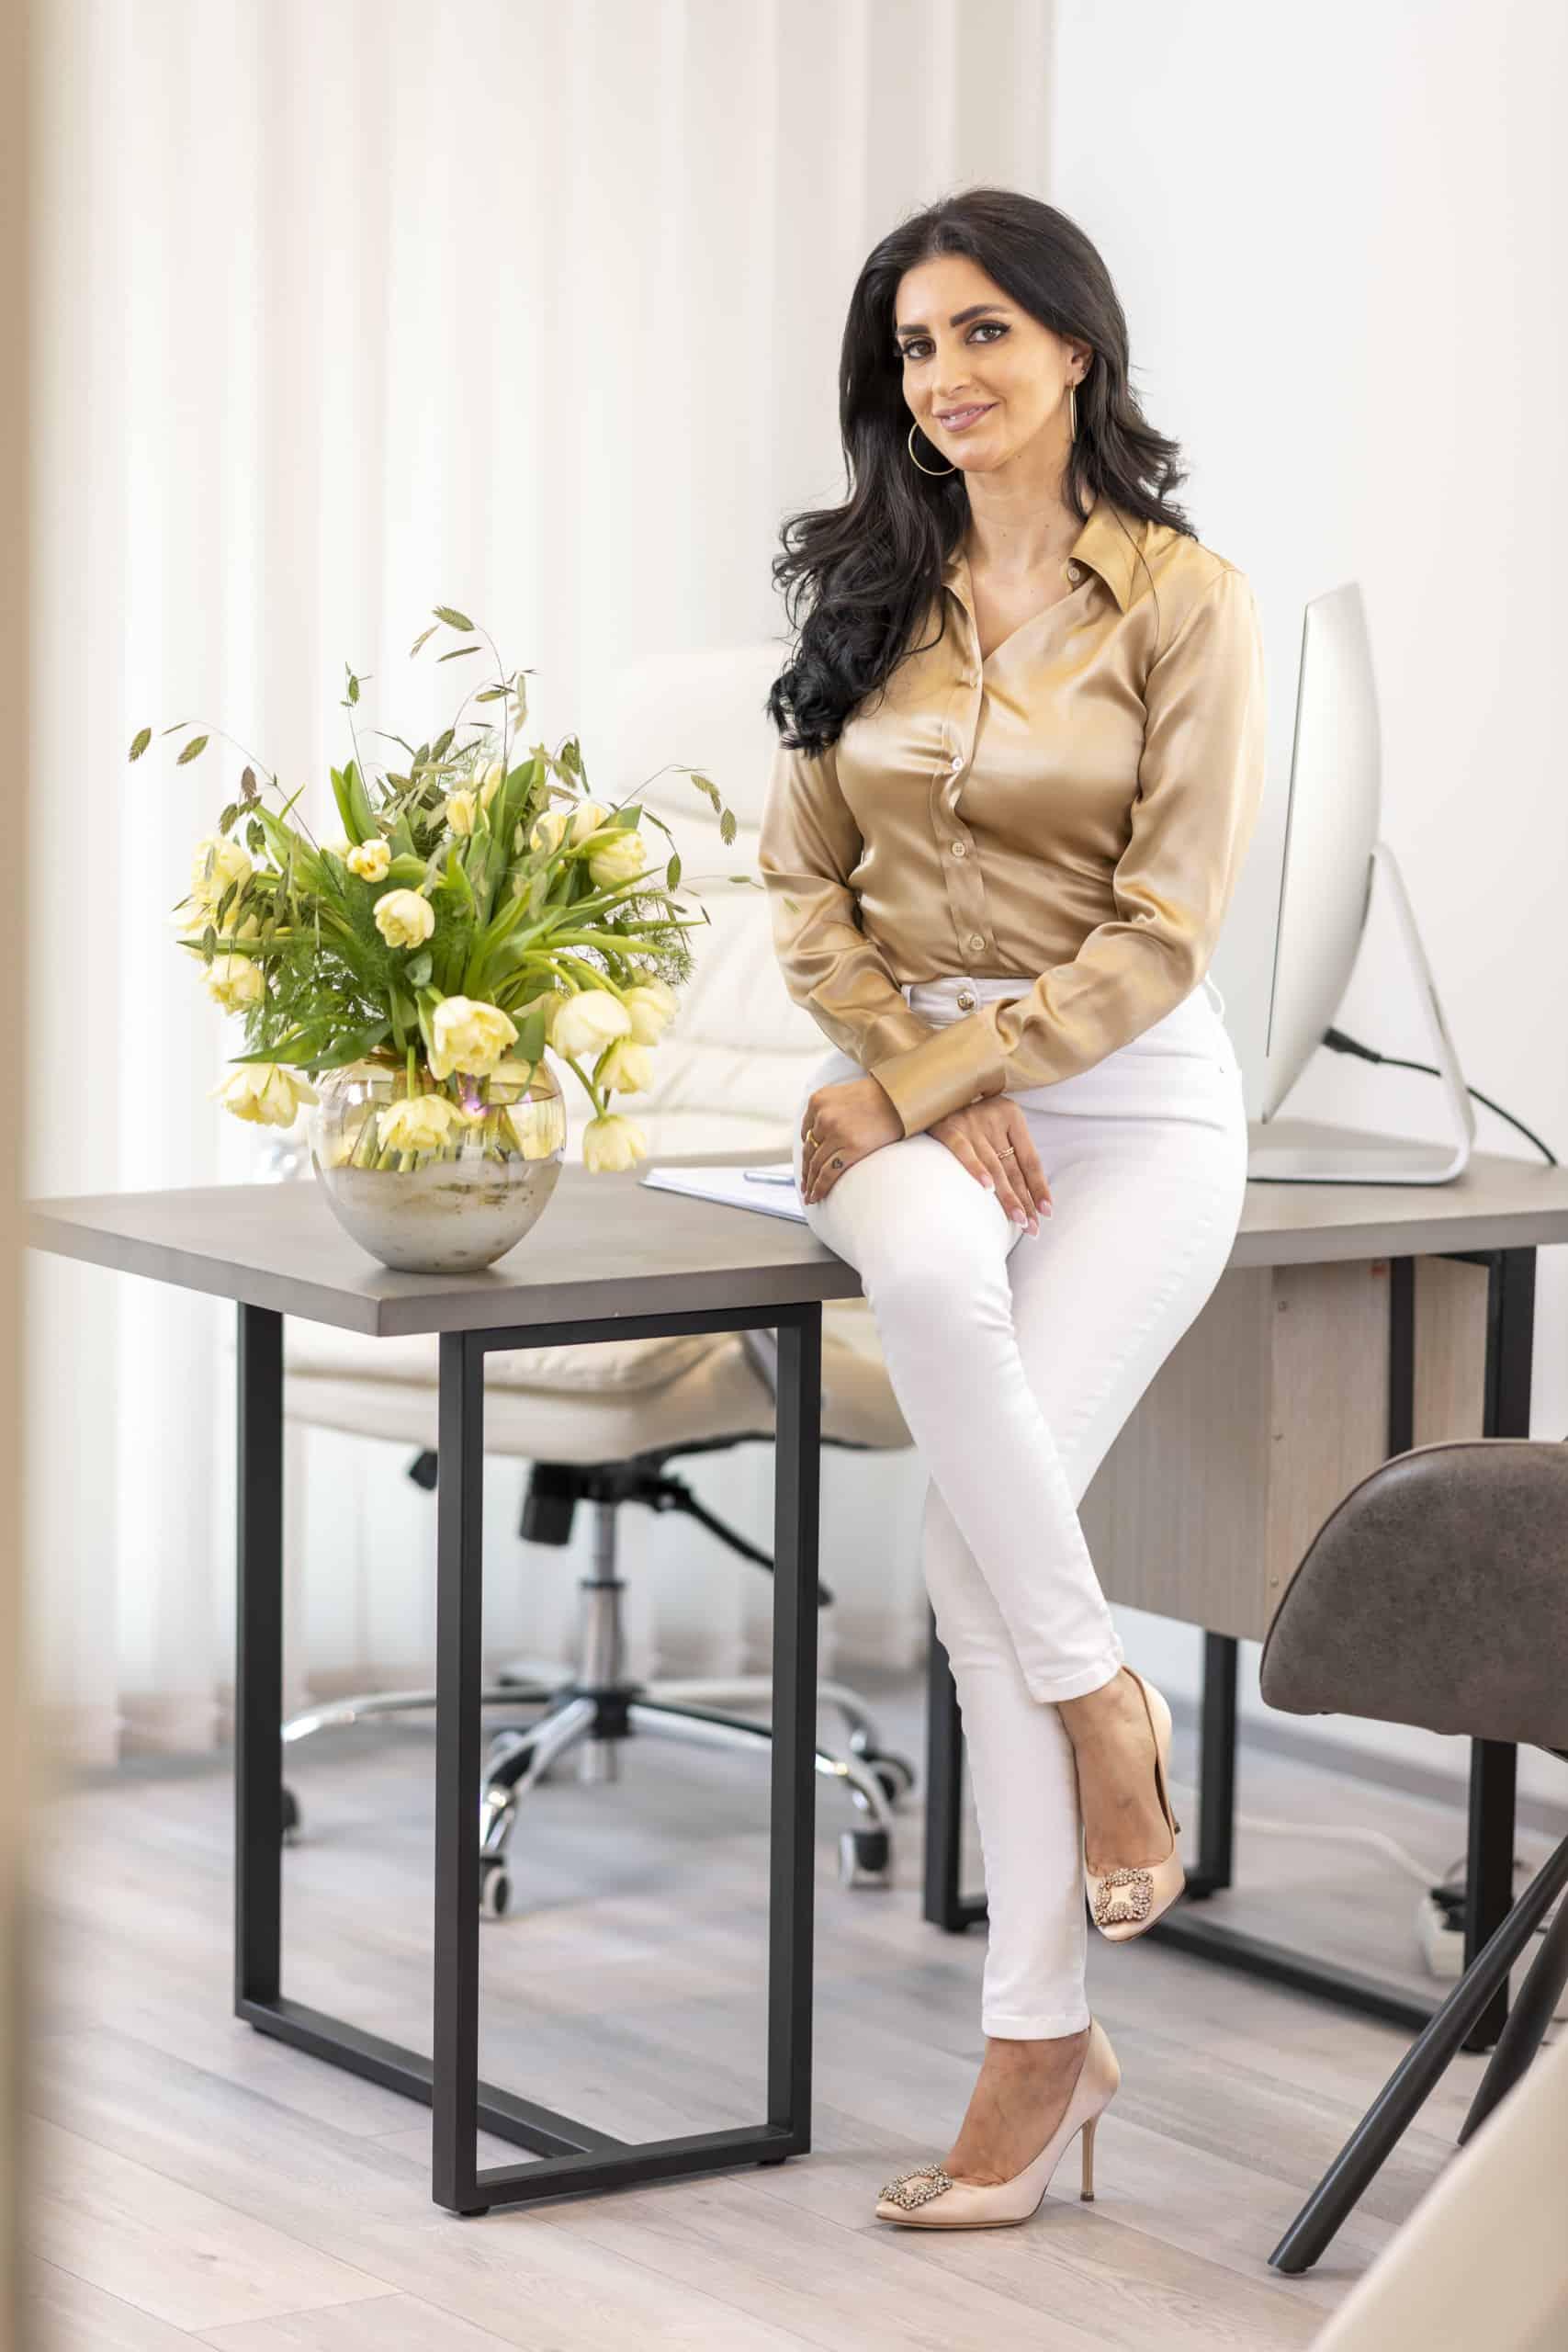 Shaeen Yilmaz